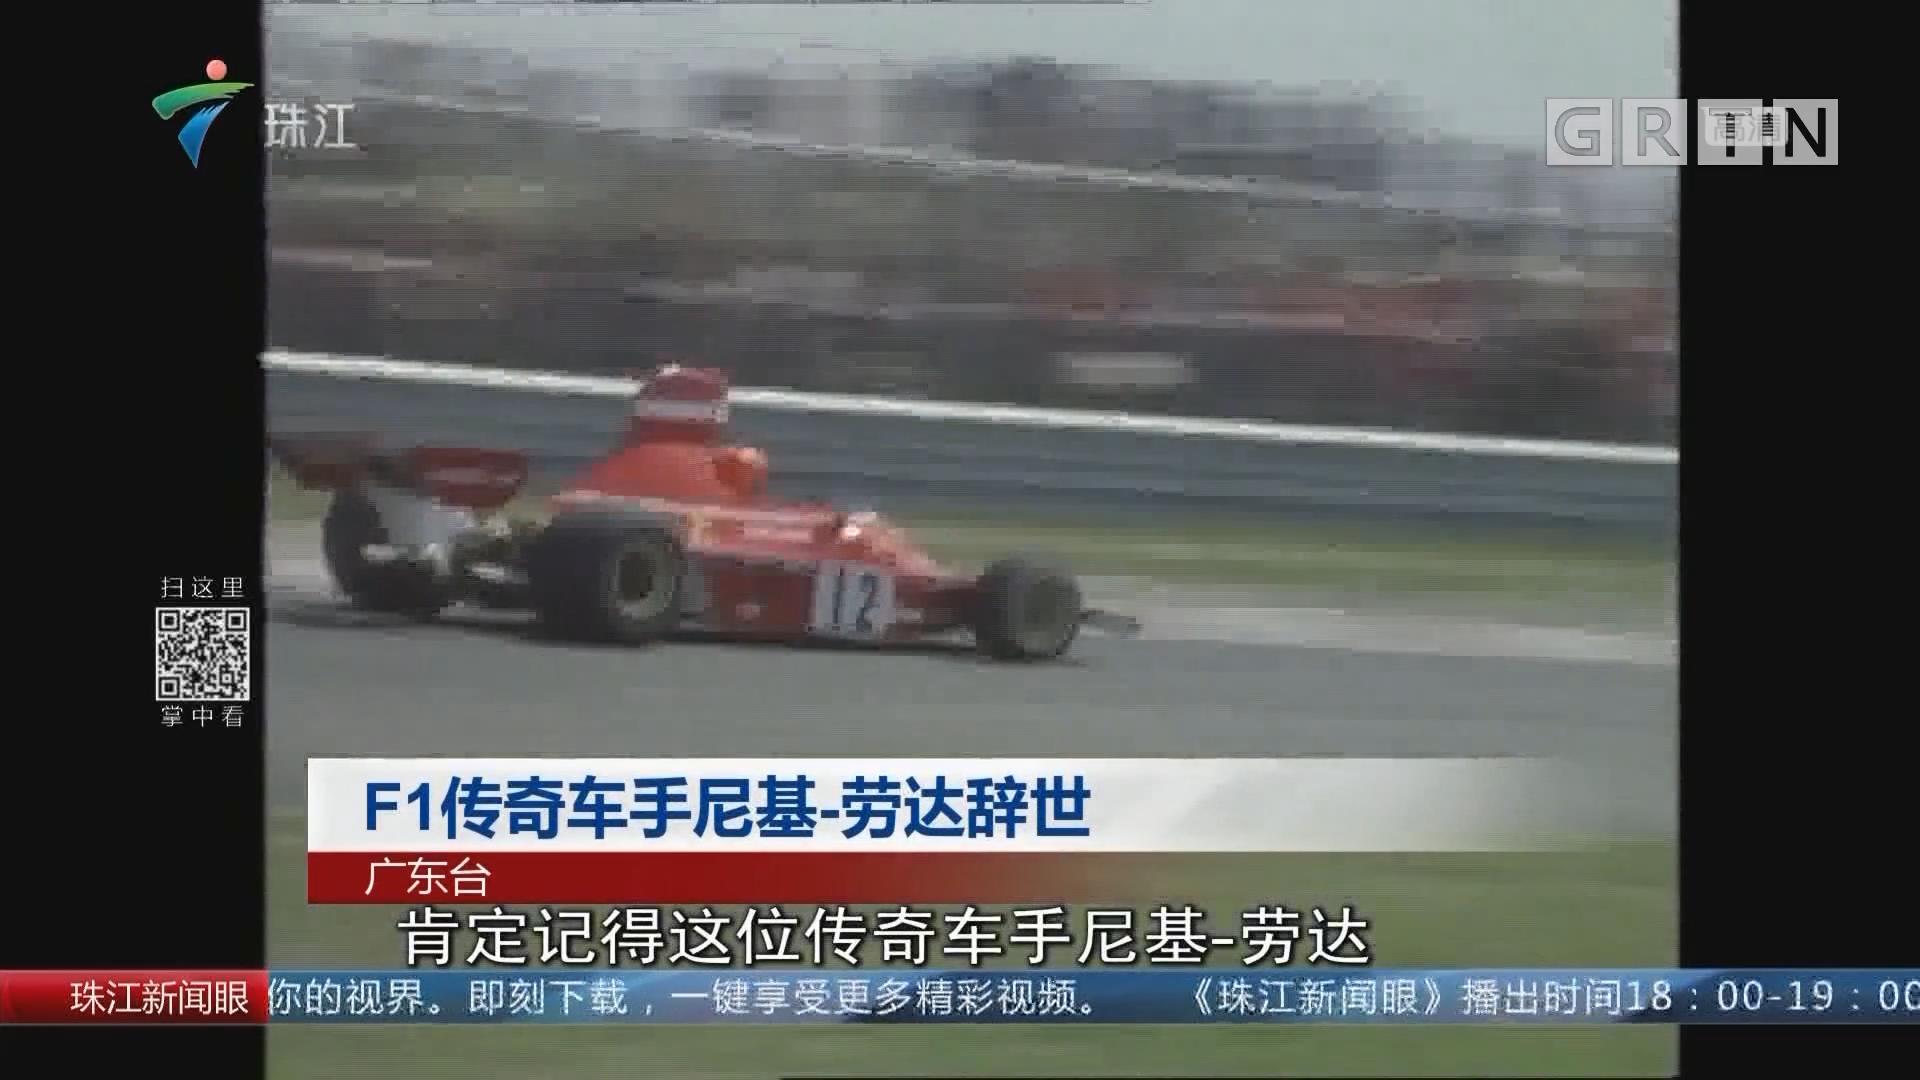 F1传奇车手尼基-劳达辞世